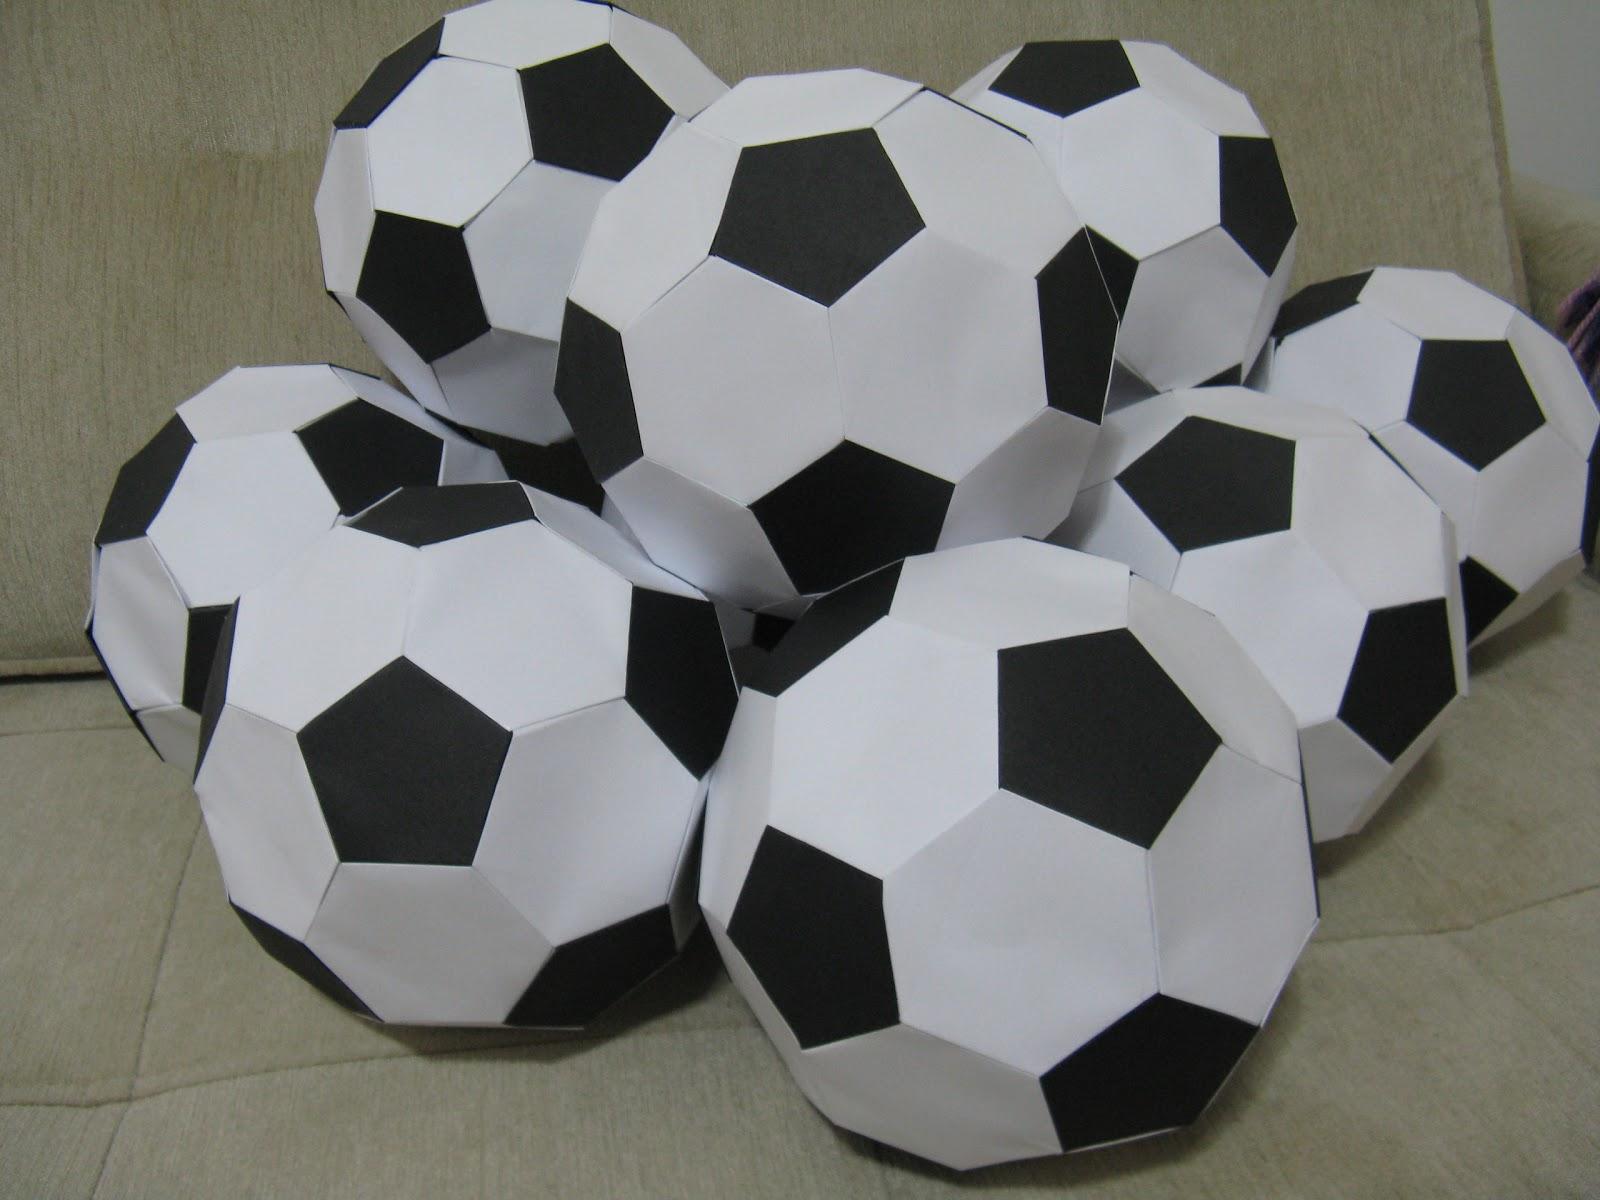 cbee0fb379 Esta encomenda de bolas de futebol